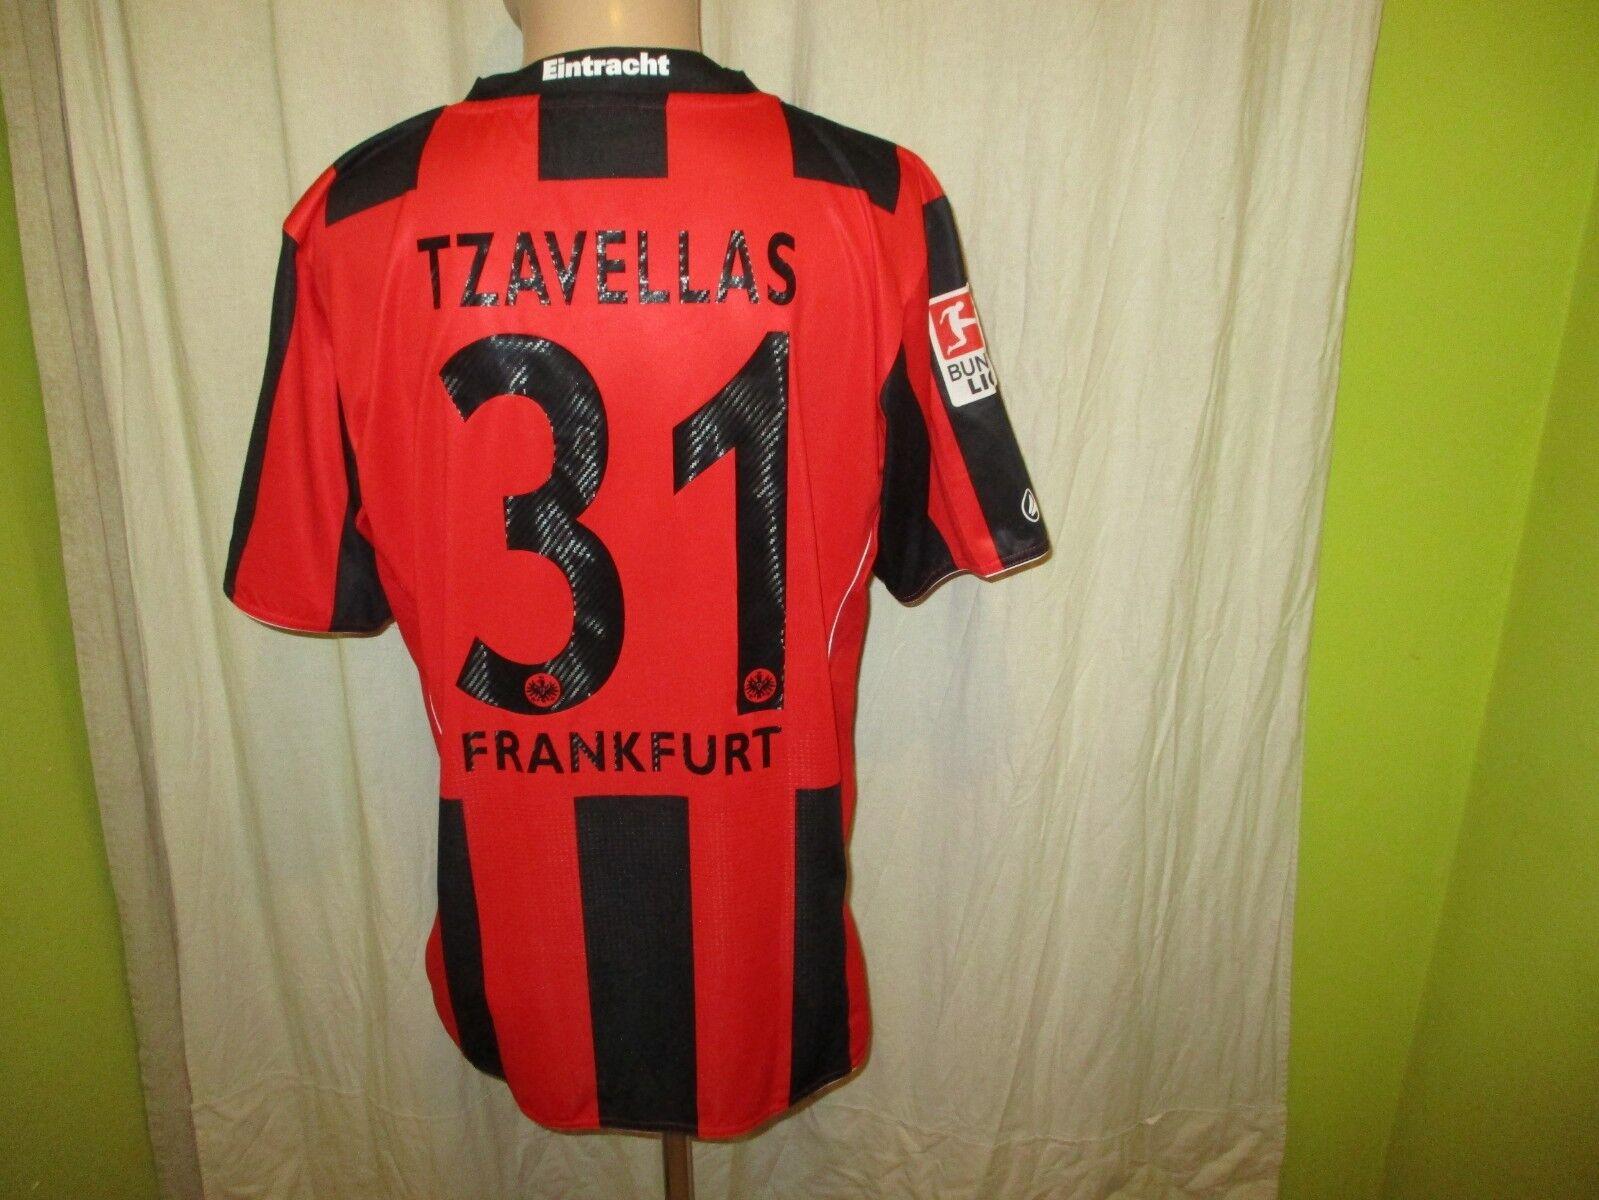 Eintracht + Frankfurt Jako Trikot 2010/11